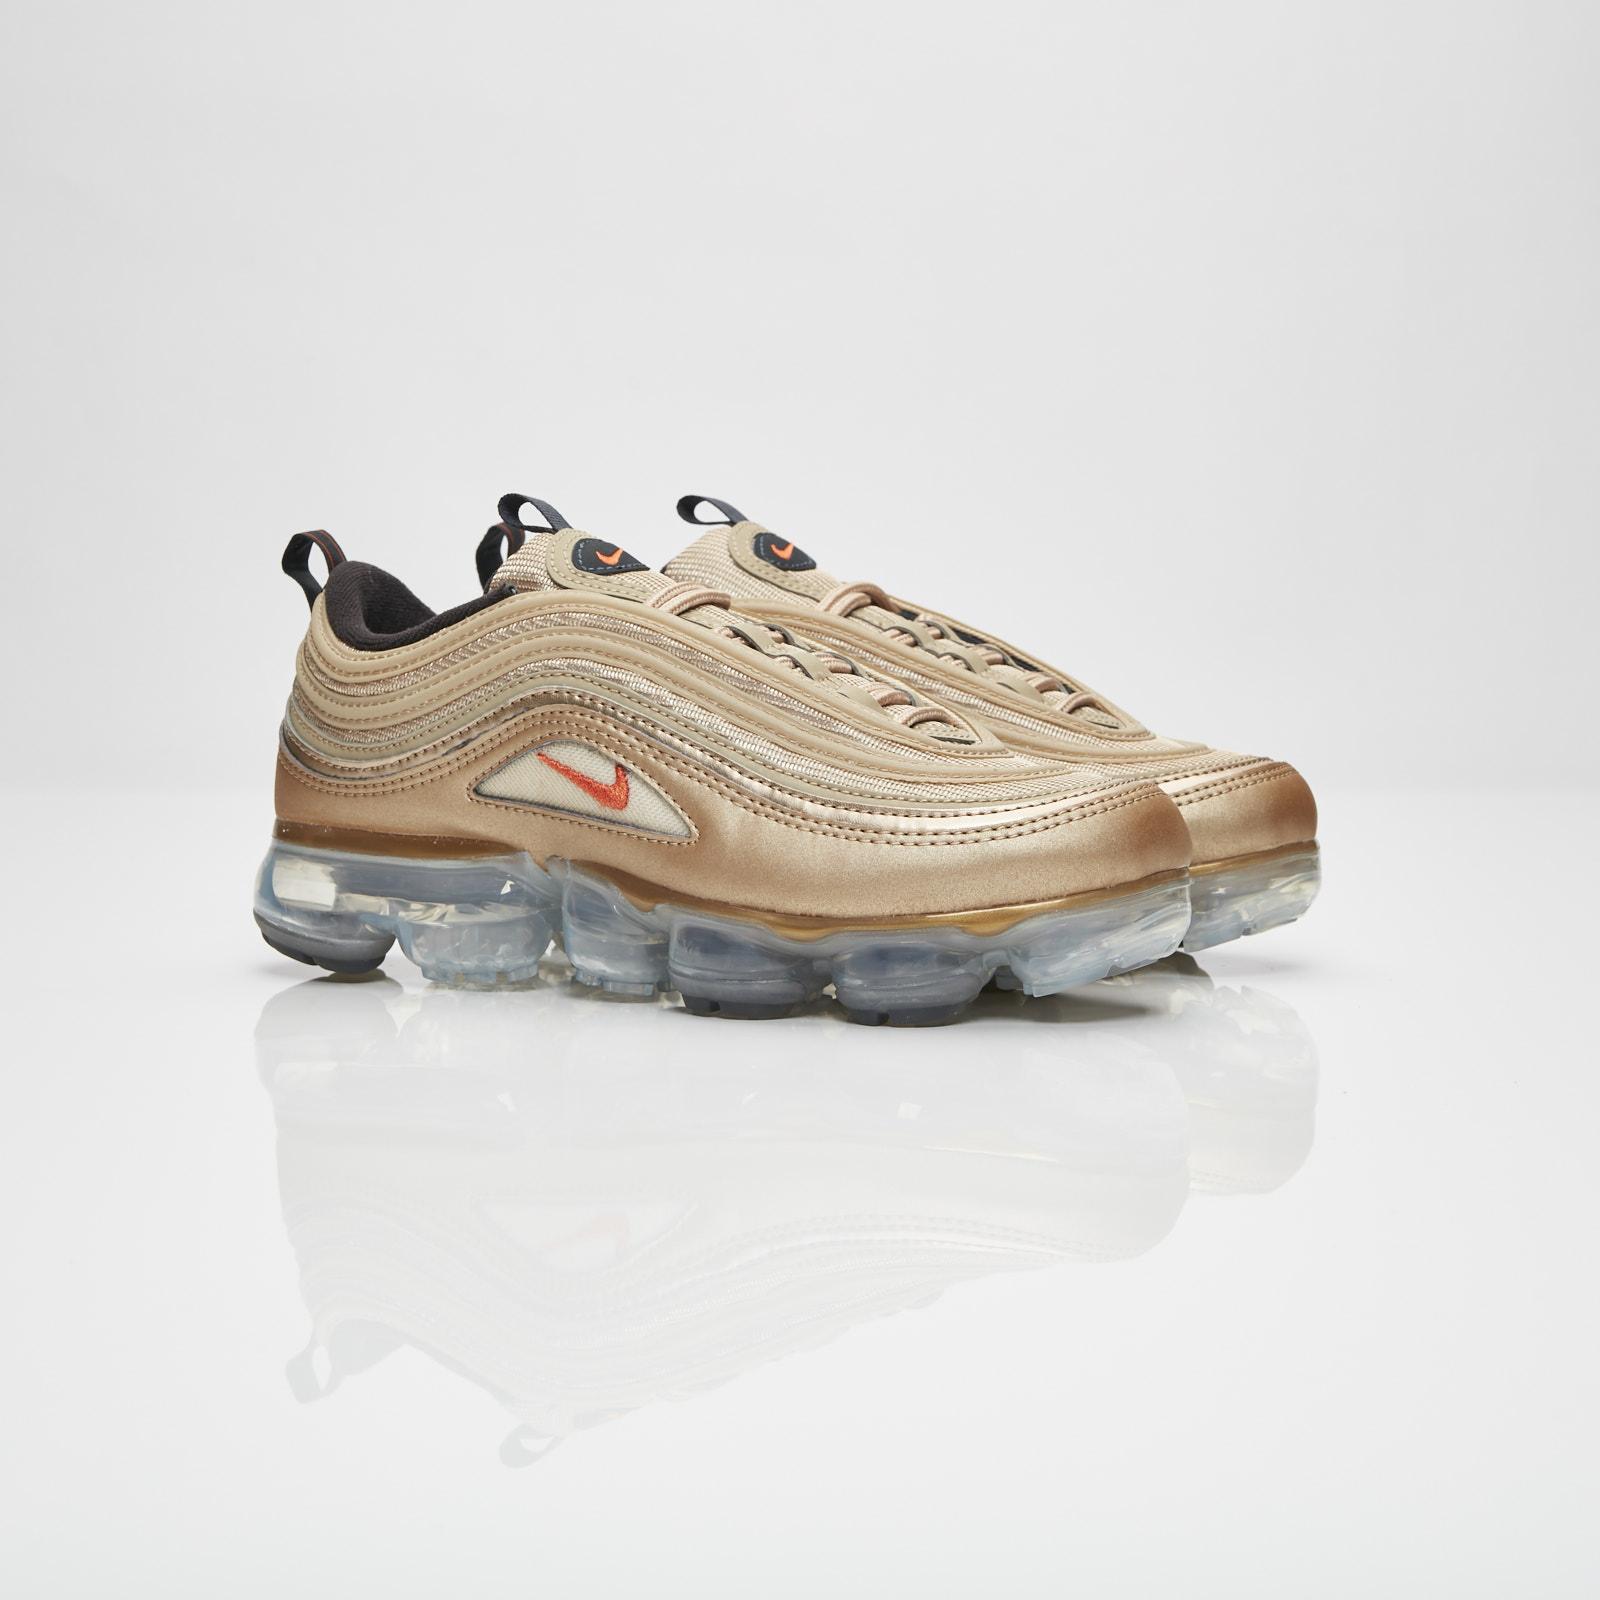 74078d7ce7b Nike Wmns Air Vapormax 97 - Ao4542-902 - Sneakersnstuff